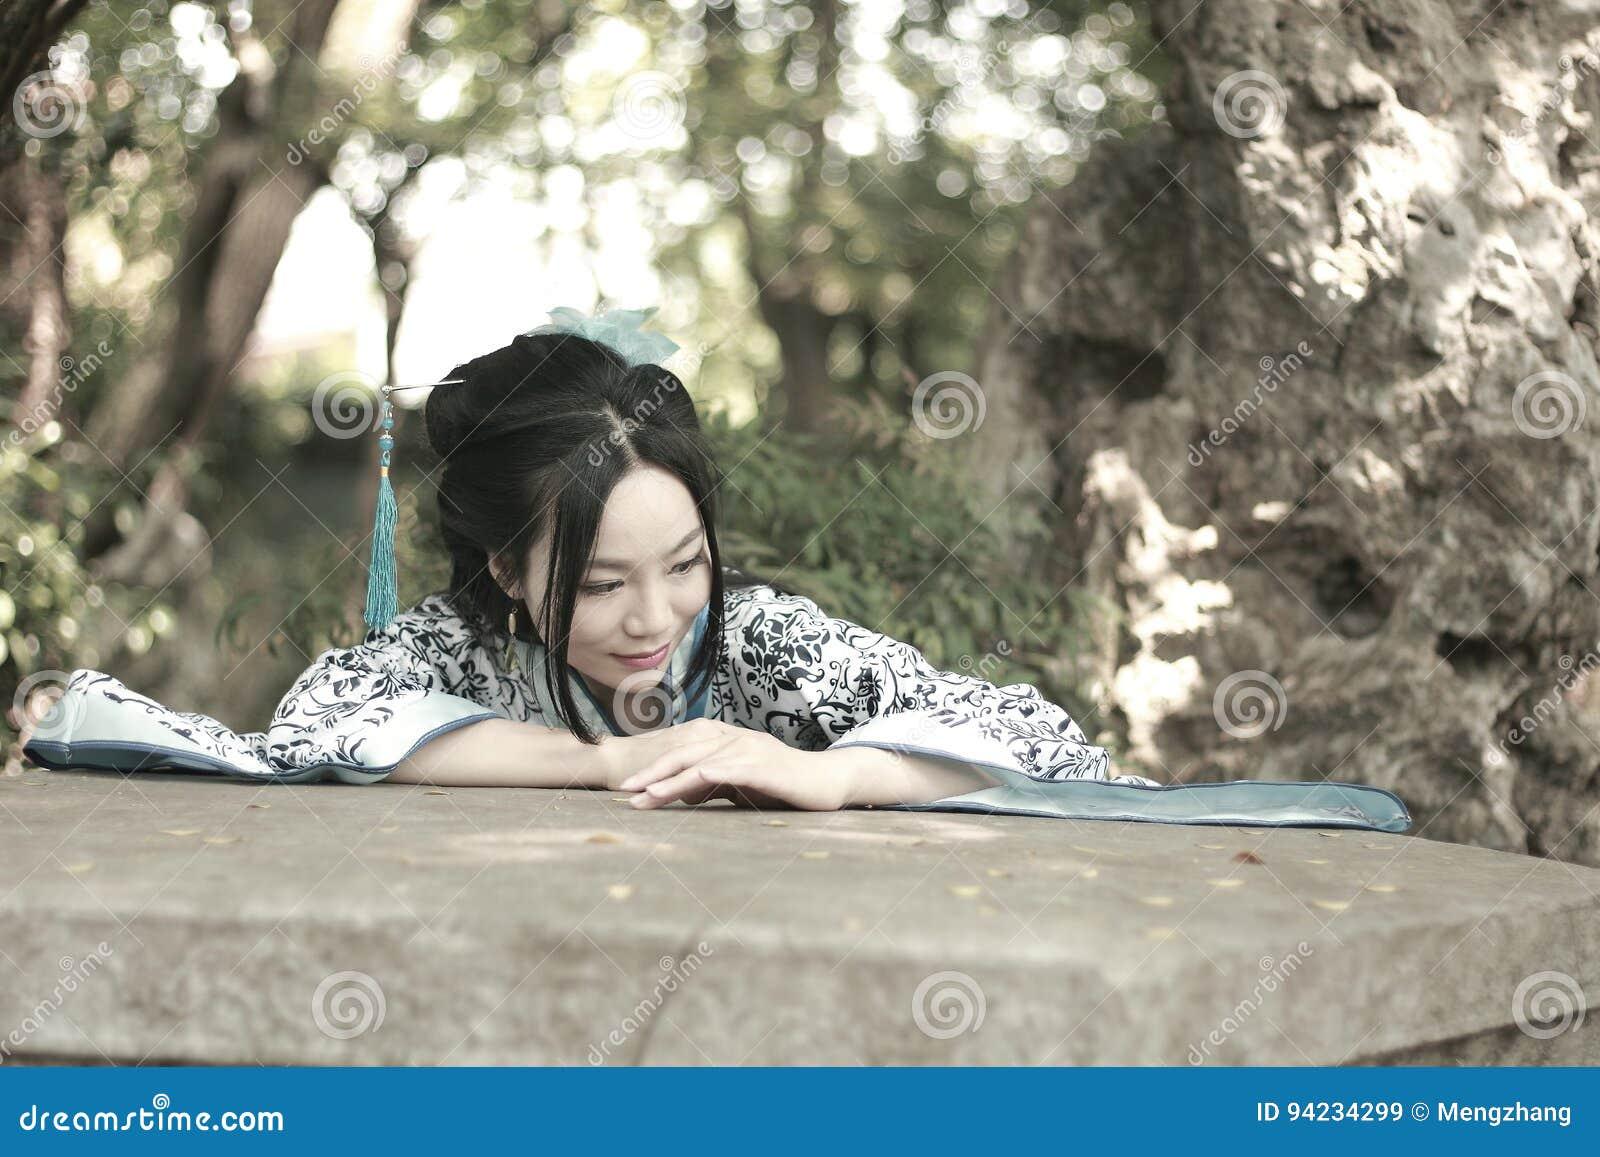 Mujer china en subida azul y blanca tradicional del vestido de Hanfu sobre la tabla de piedra